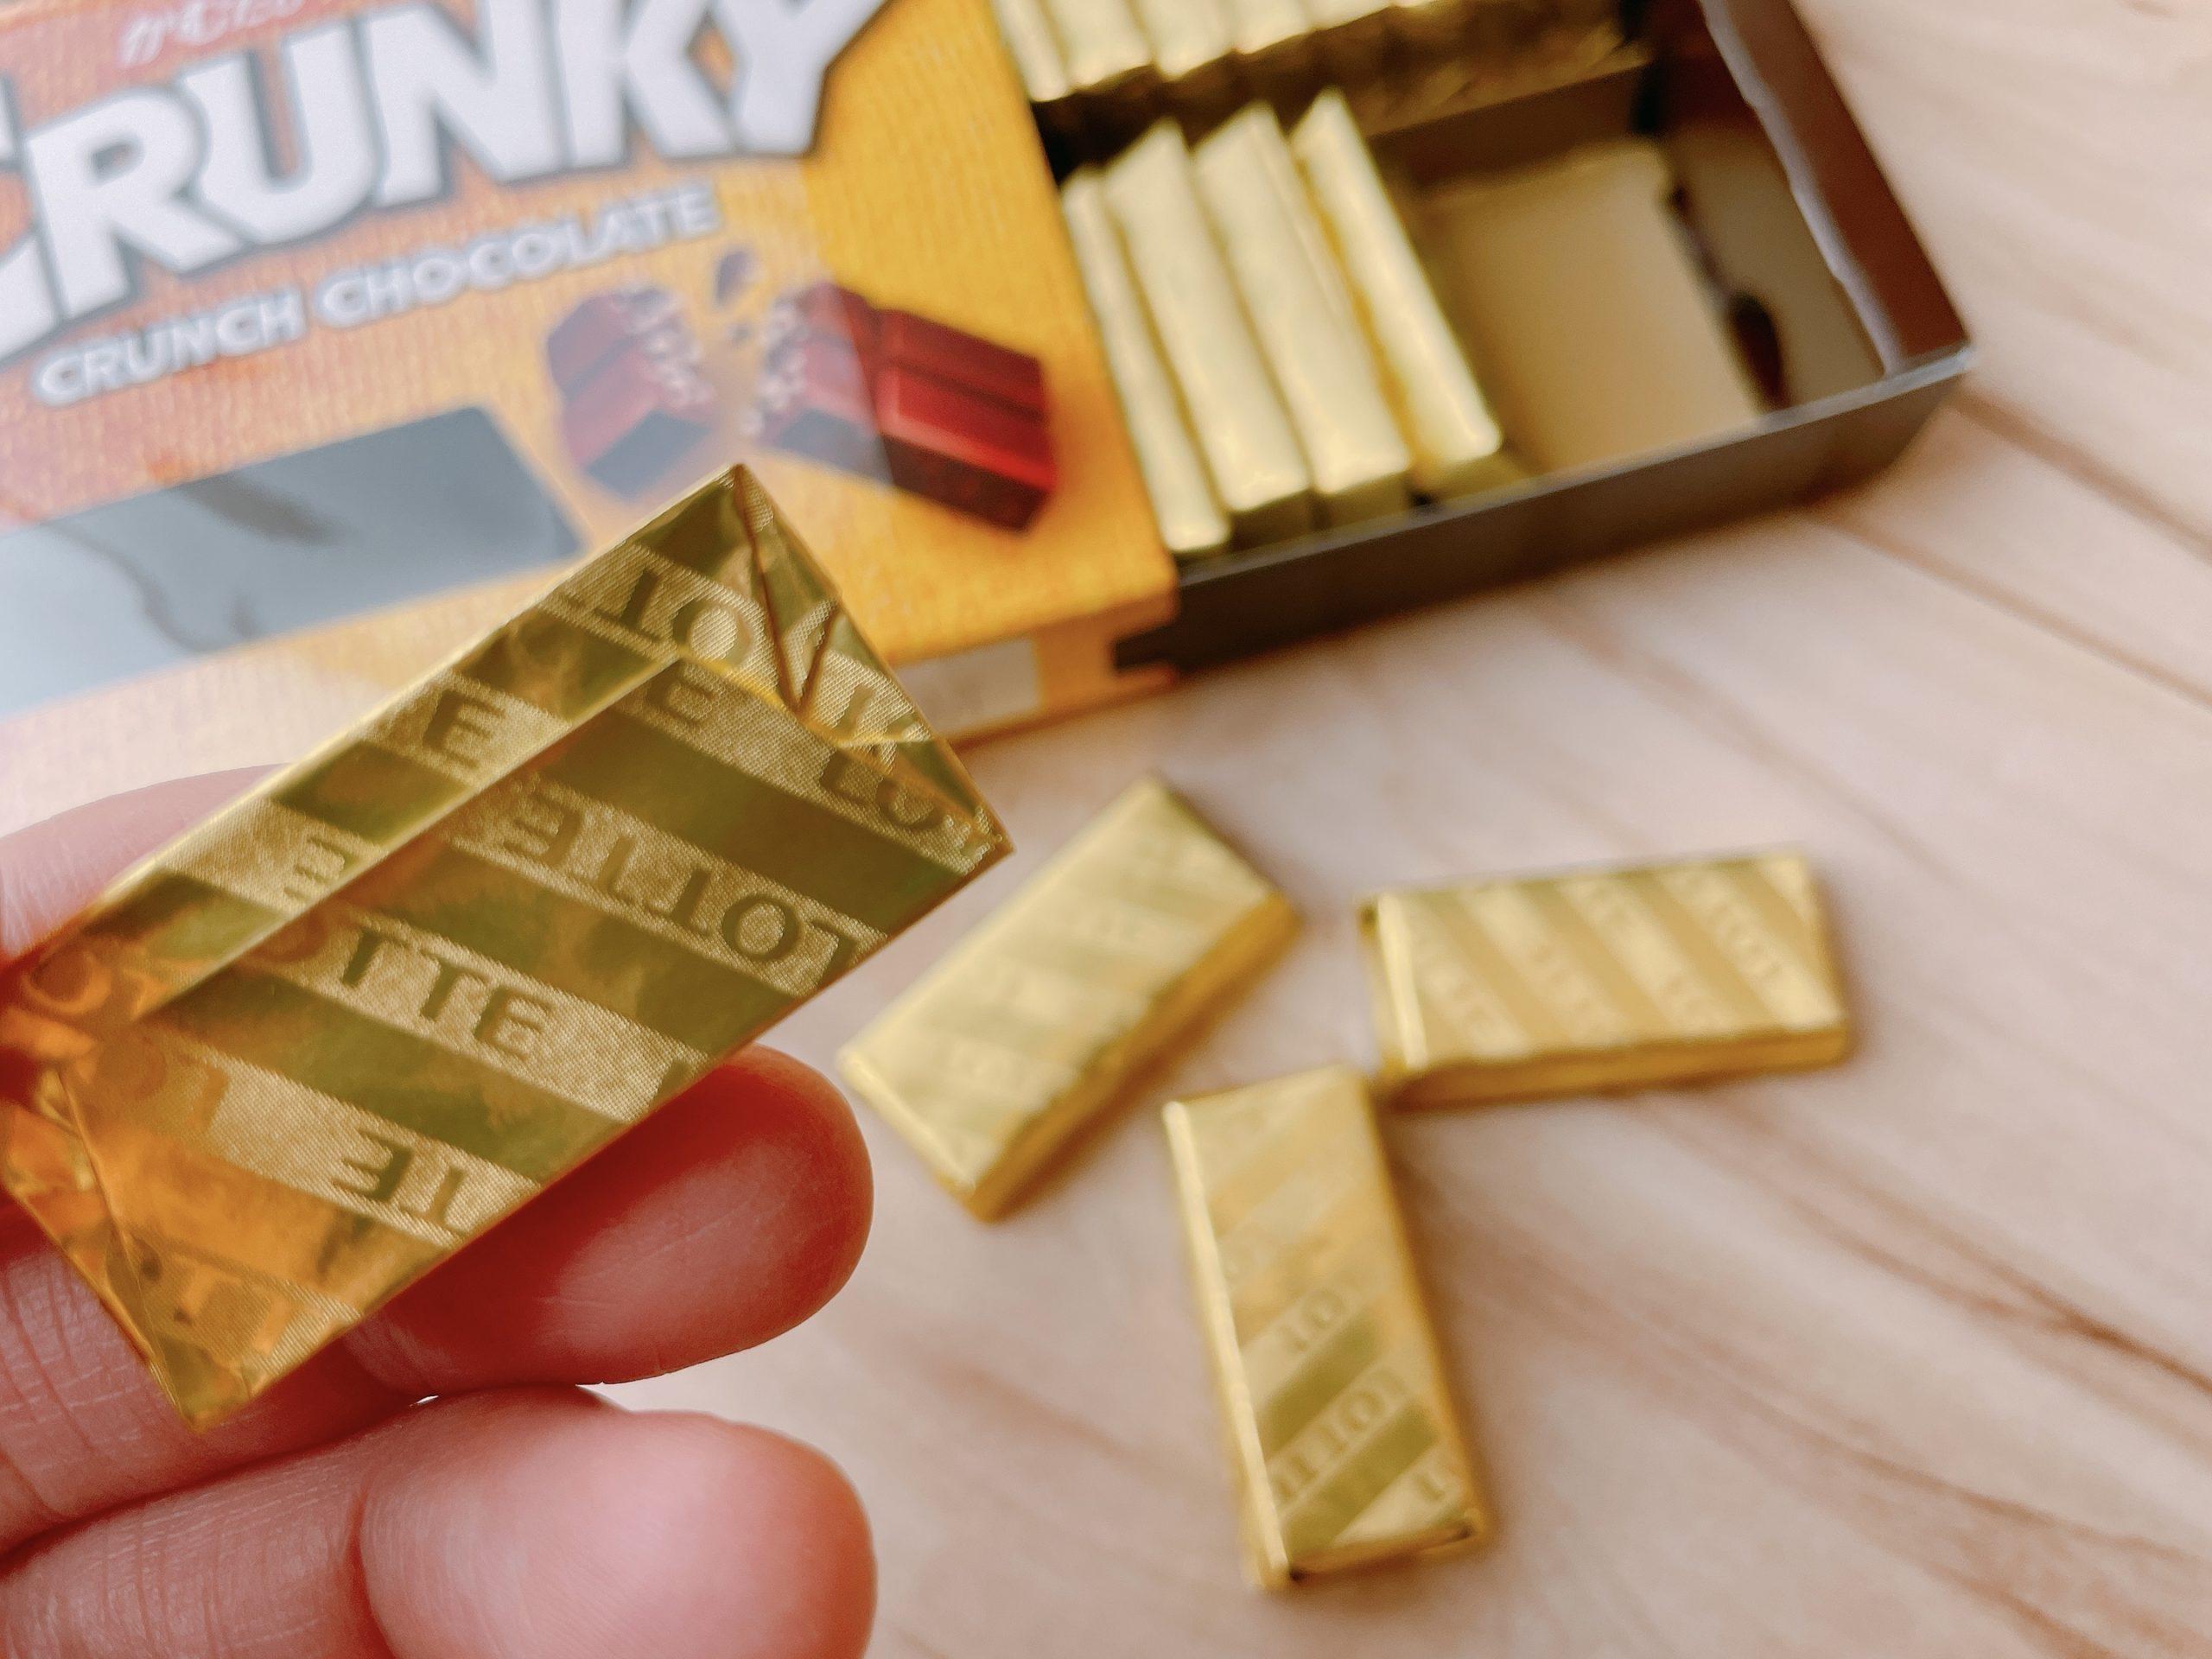 クランキーチョコレートエクセレントのゴールド裏